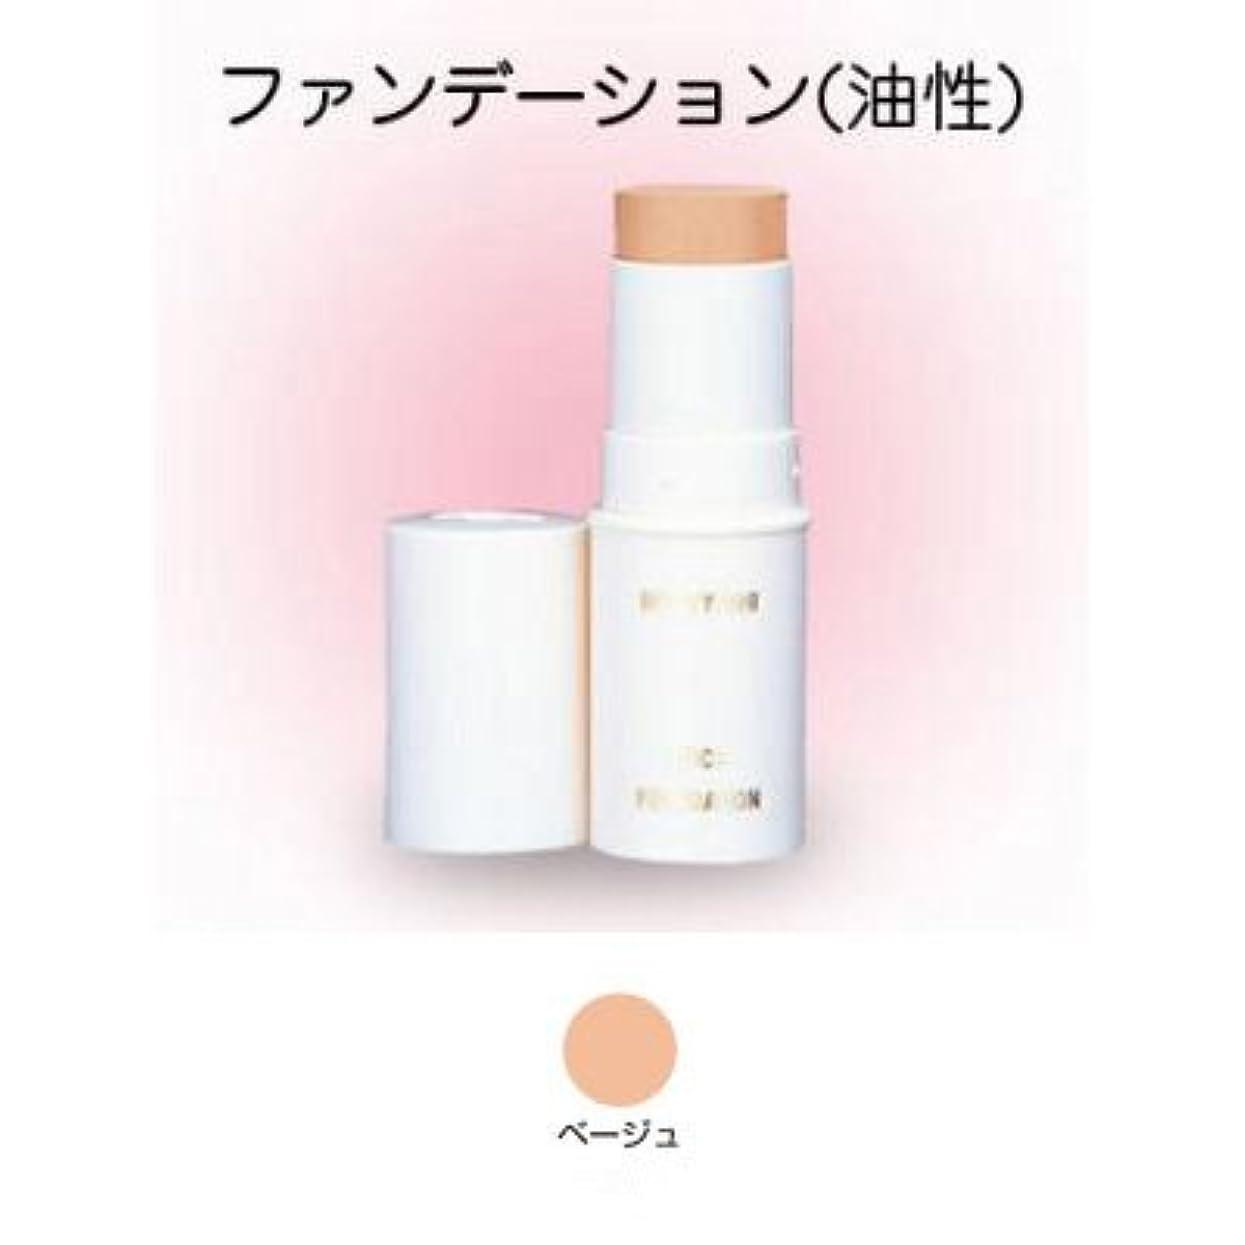 ホステス毛細血管火スティックファンデーション 16g ベージュ 【三善】